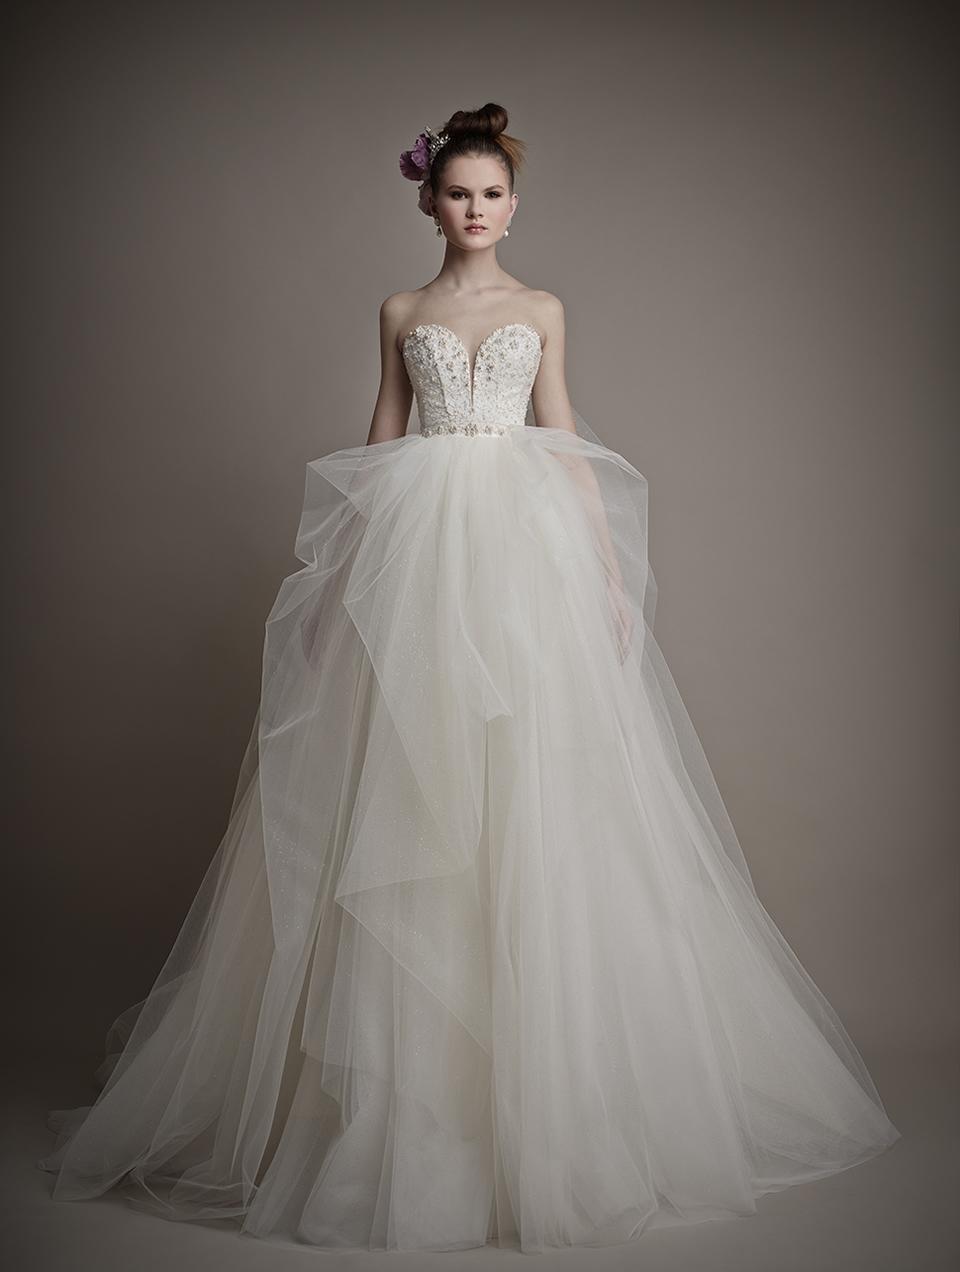 Коллекция свадебных платьев 2015 года от Ersa Atelier5